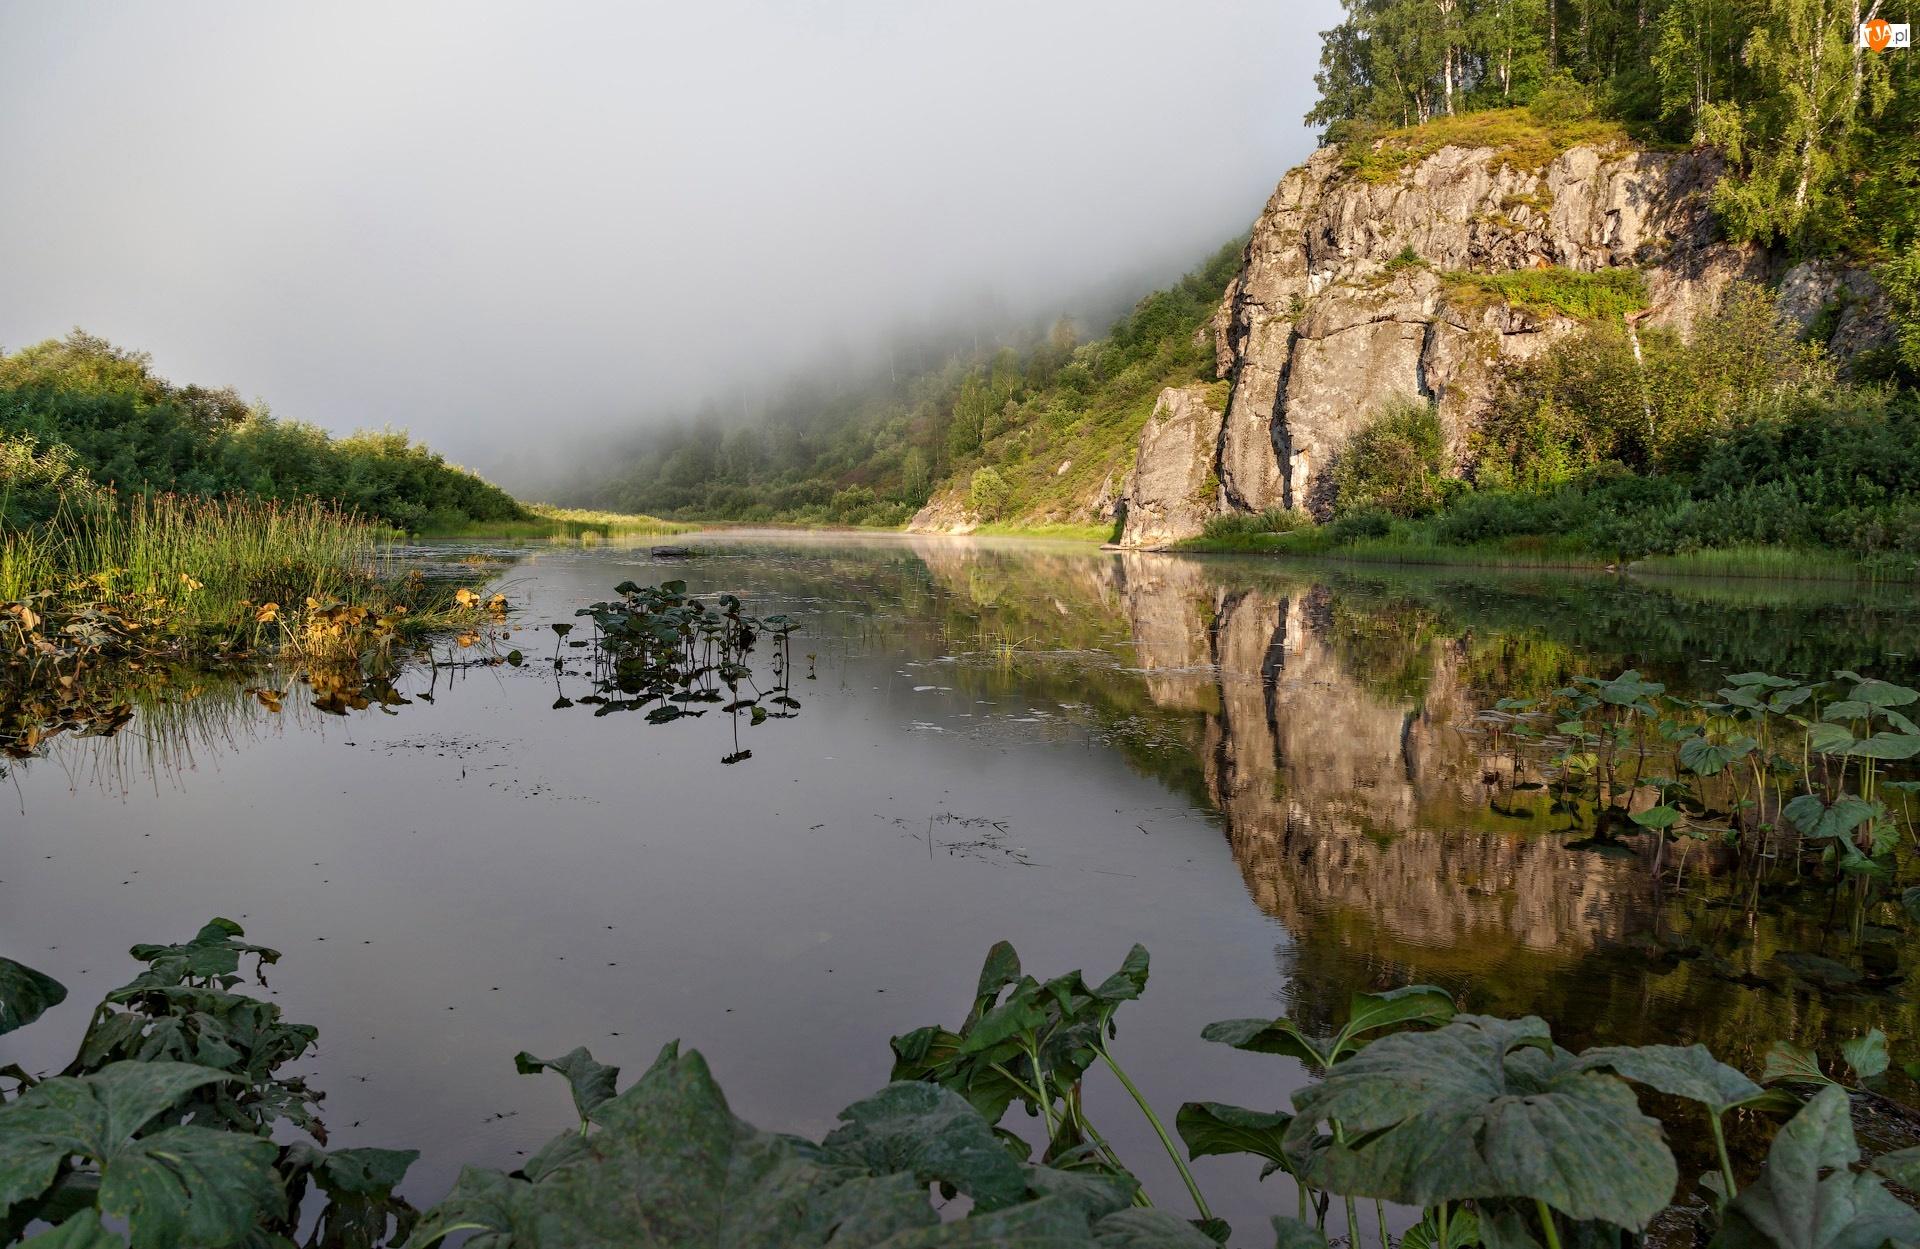 Drzewa, Mgła, Skały, Rzeka, Poranek